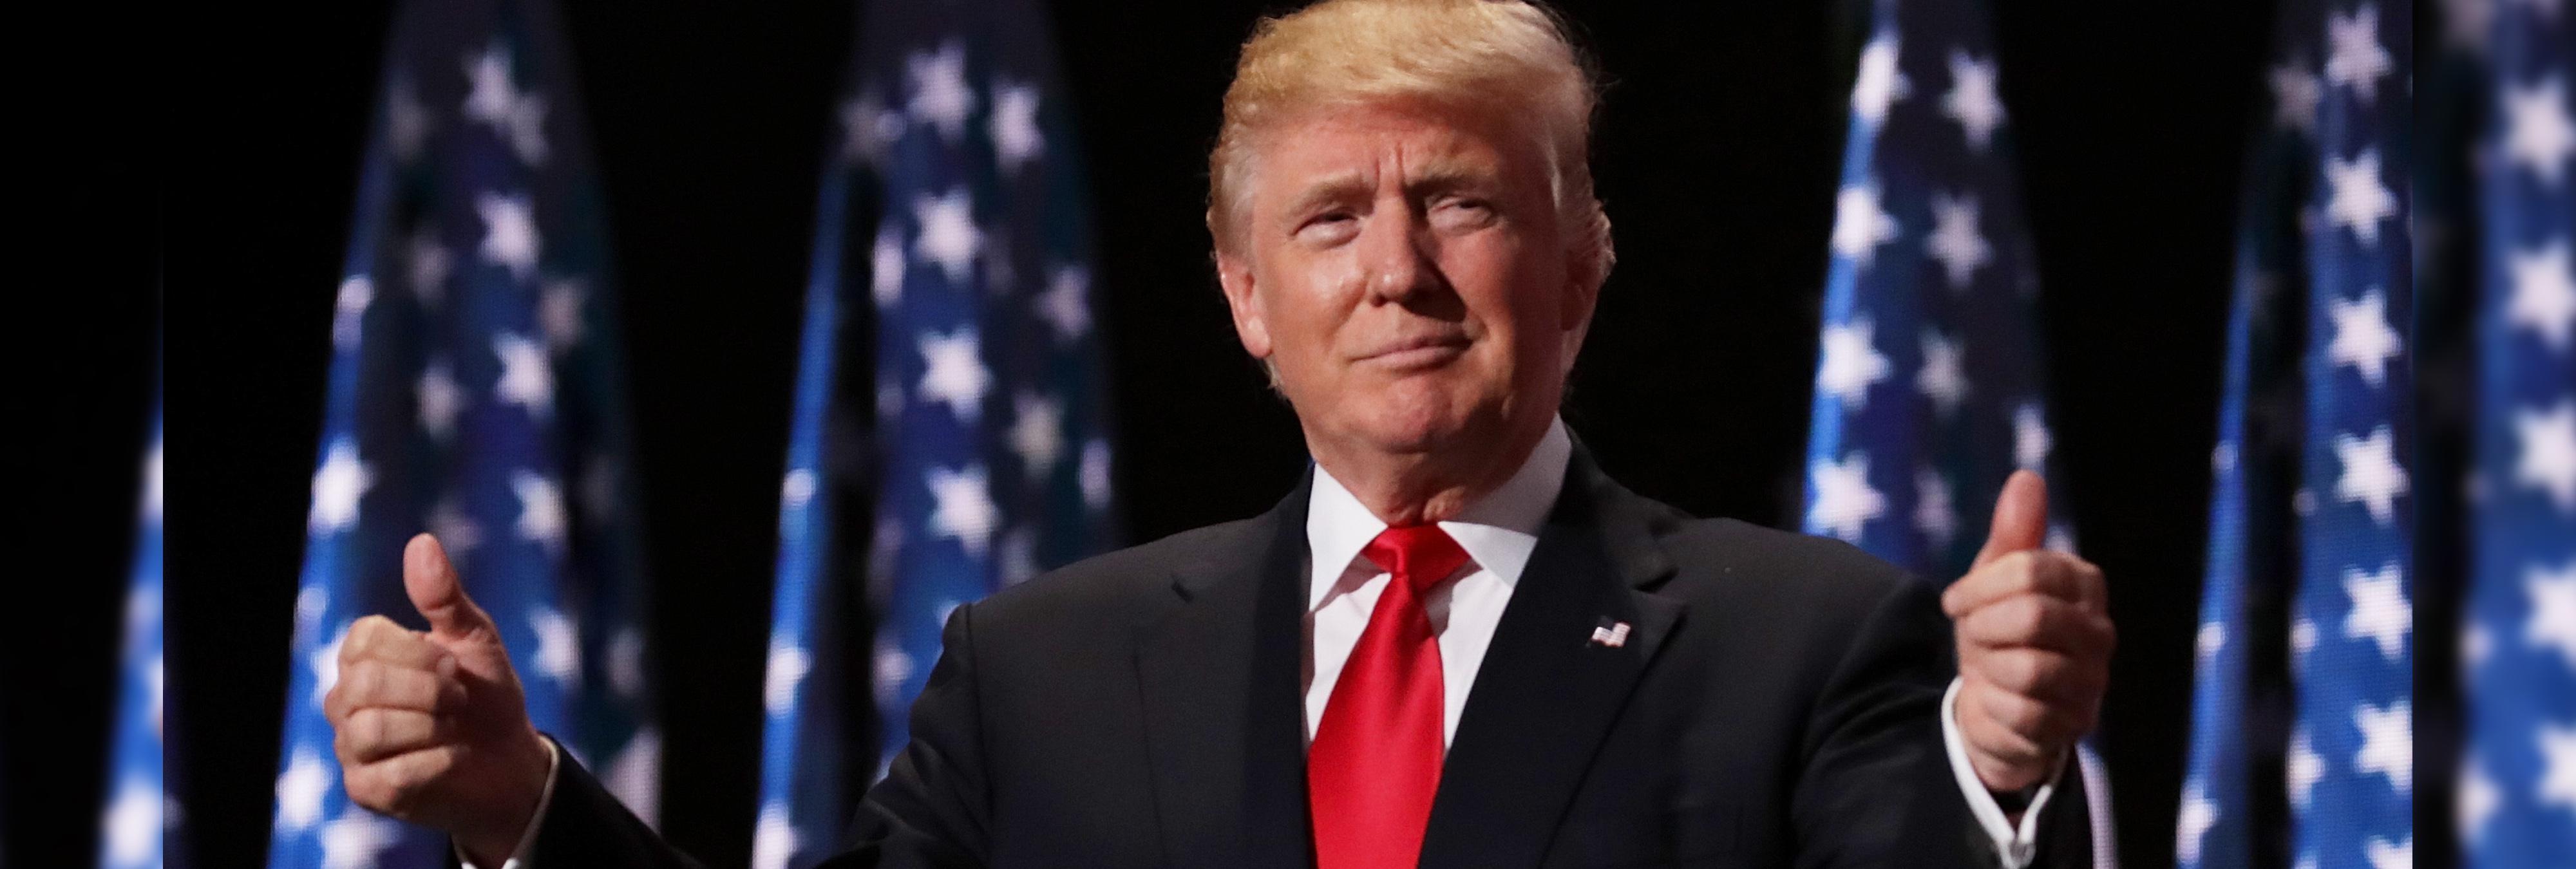 Donald Trump quitará las ayudas a niños y ancianos desnutridos por 'ahorrar'